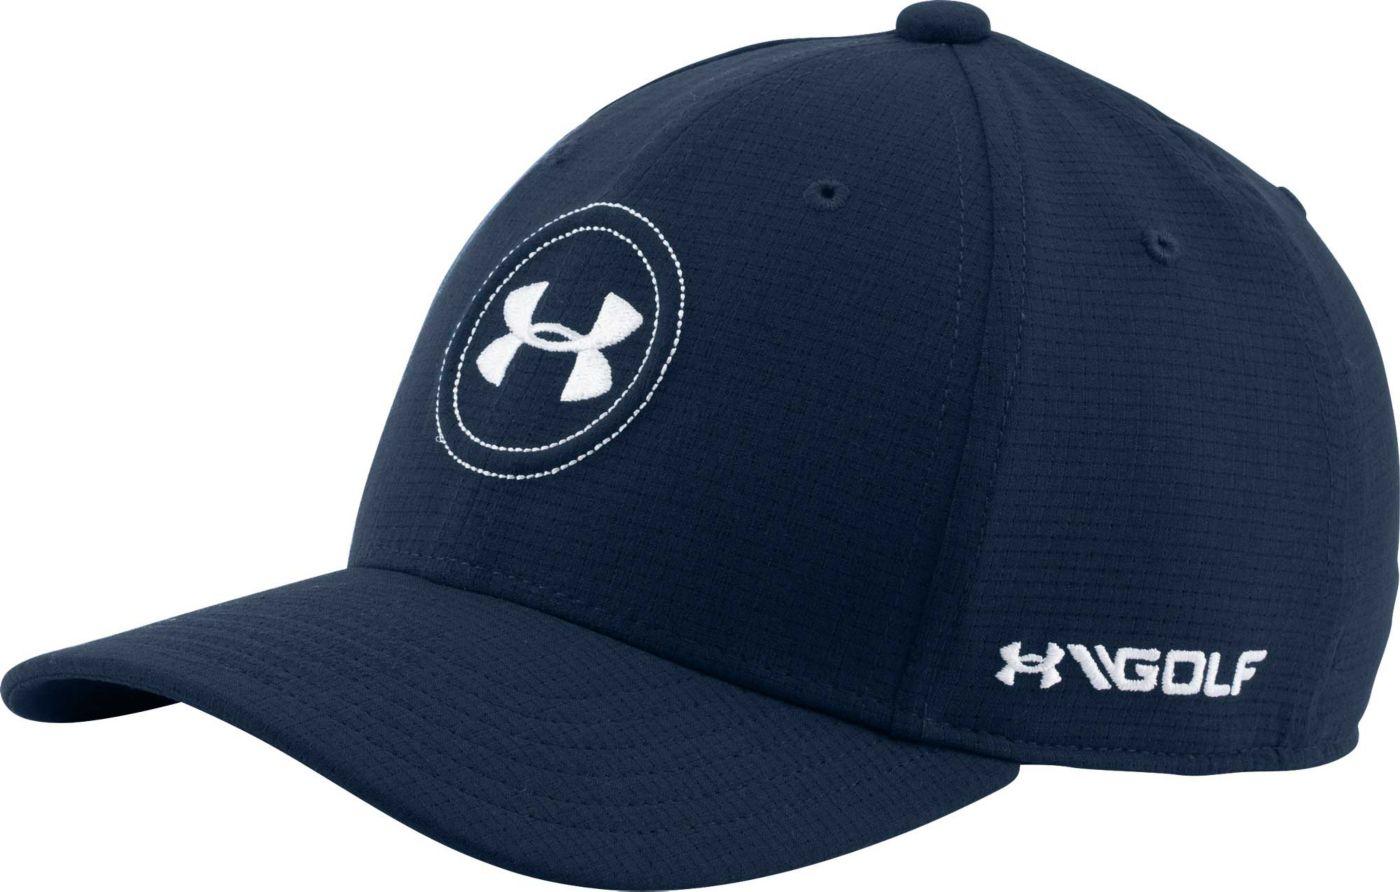 Under Armour Boys' Official Tour Hat 2.0